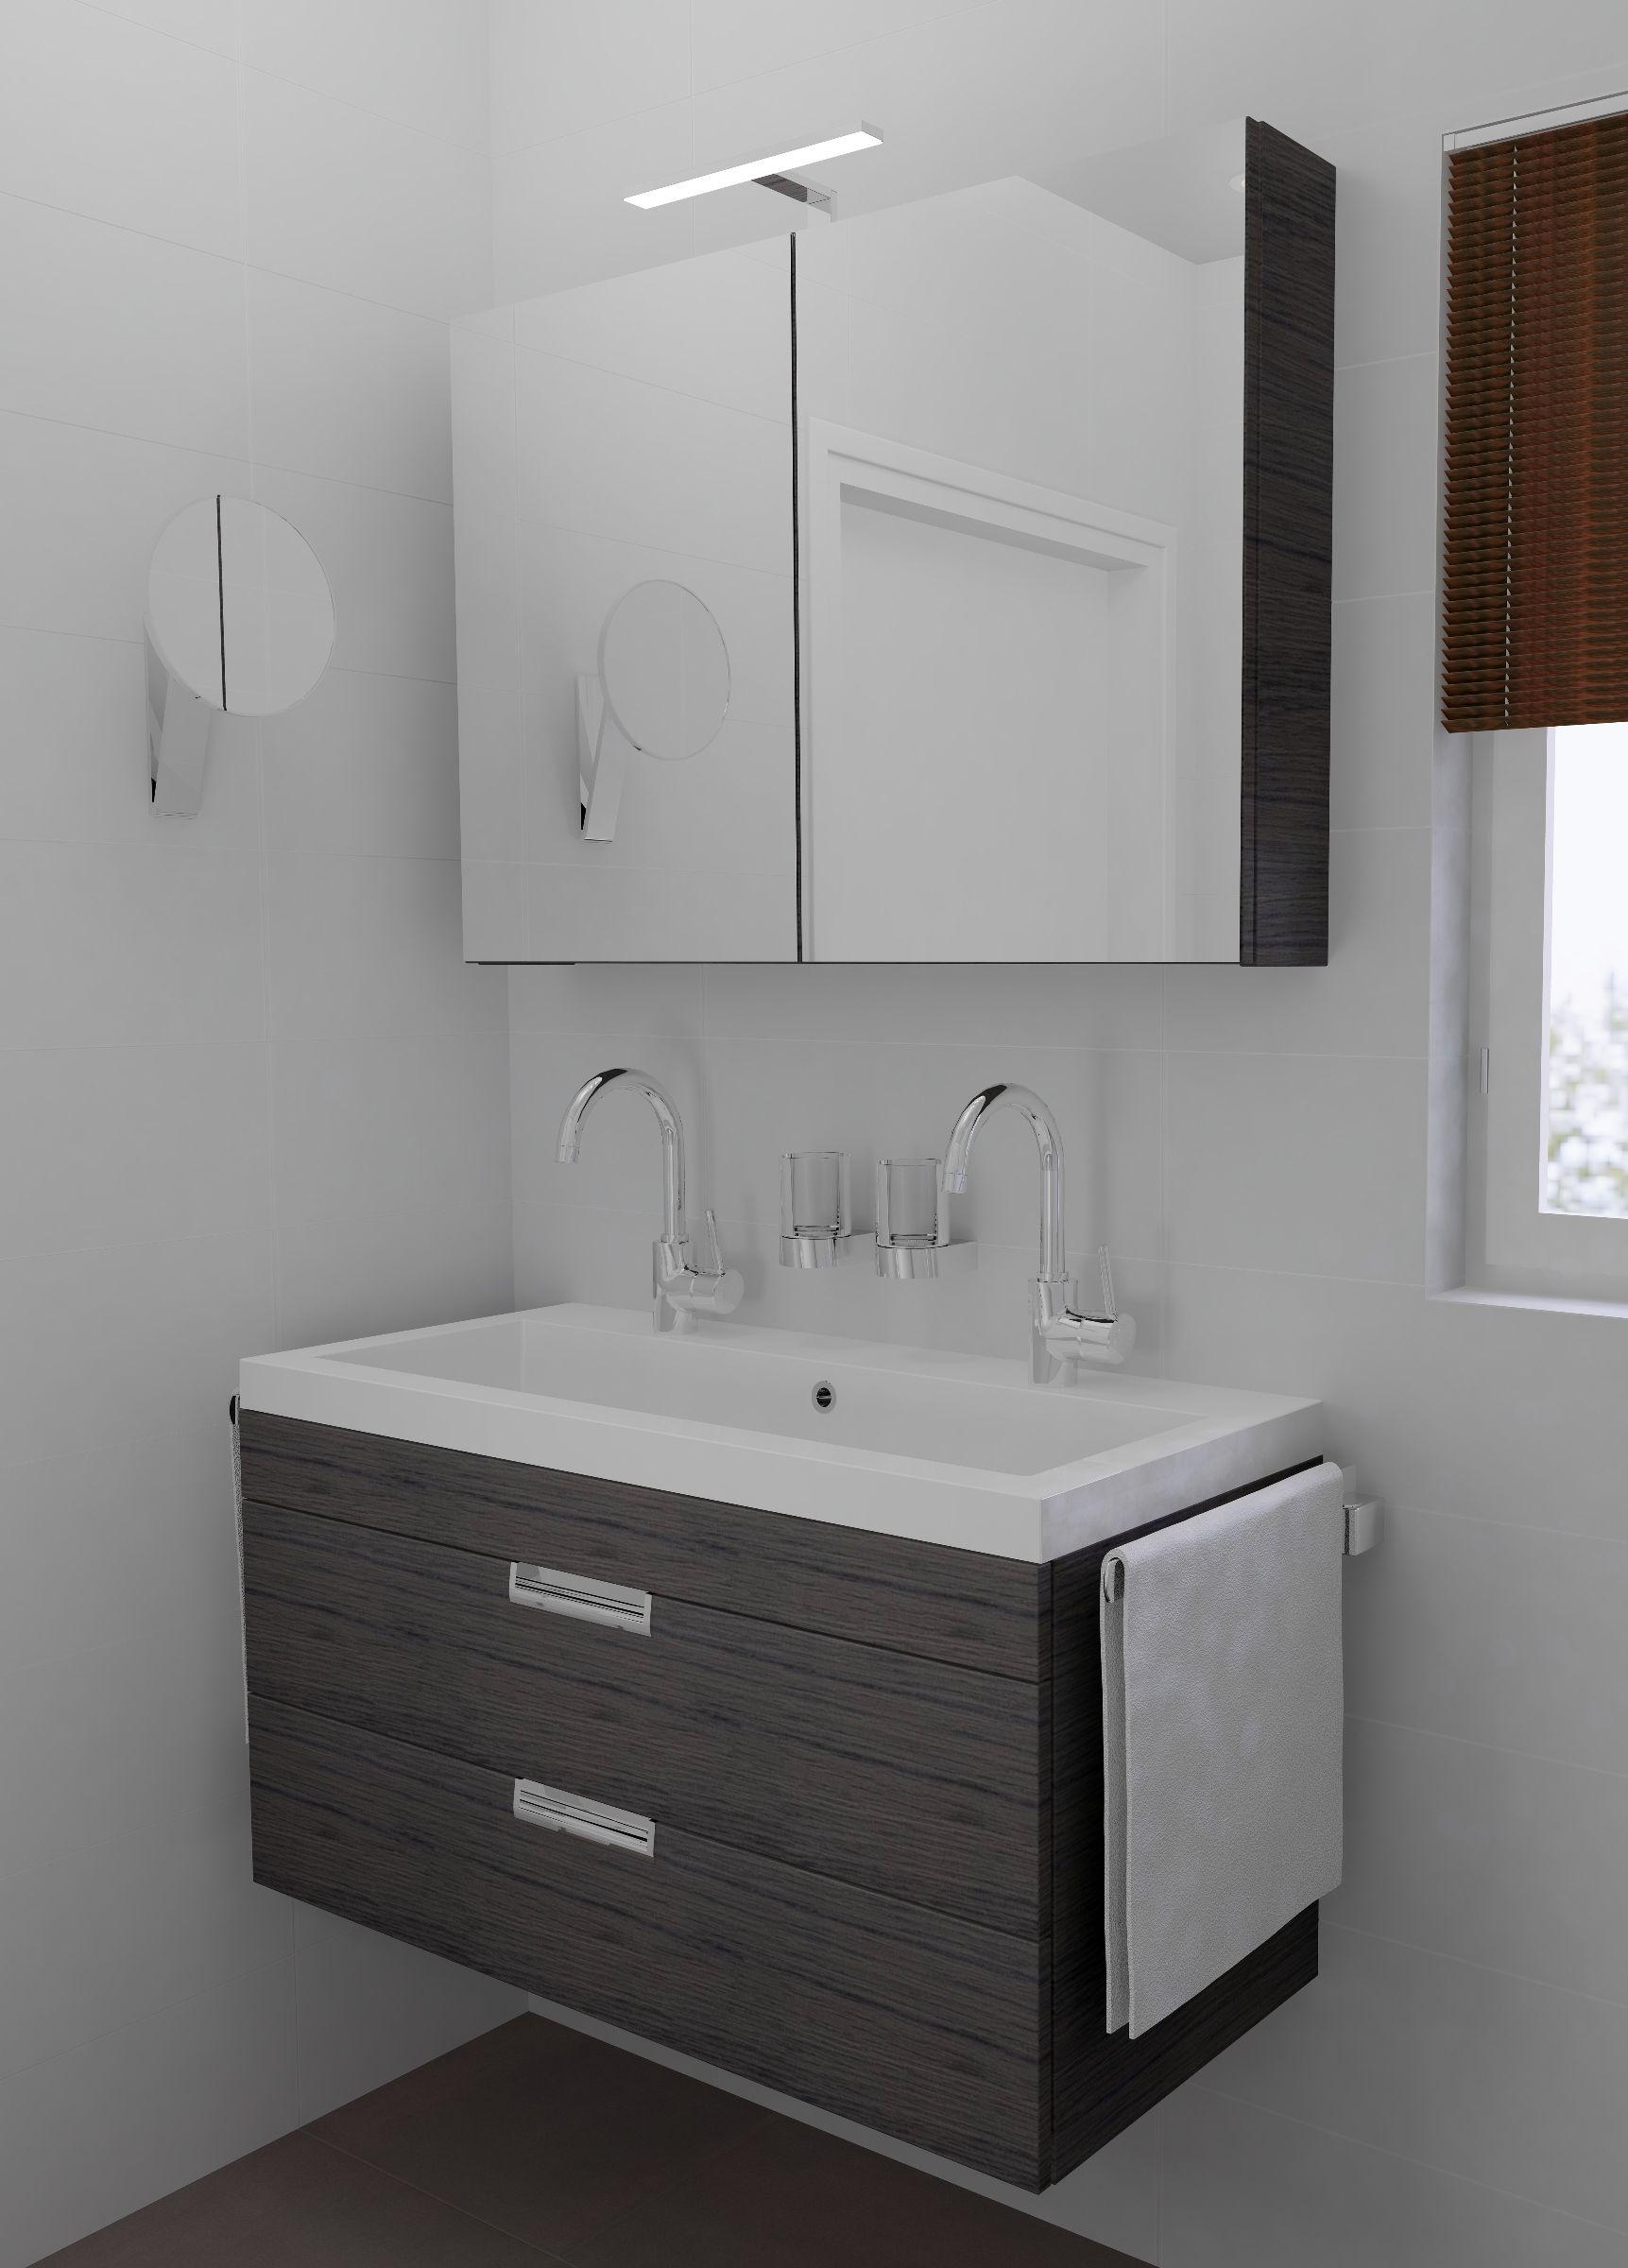 Kleine badkamer 200x187cm met dubbele wastafel. | Wastafel ...